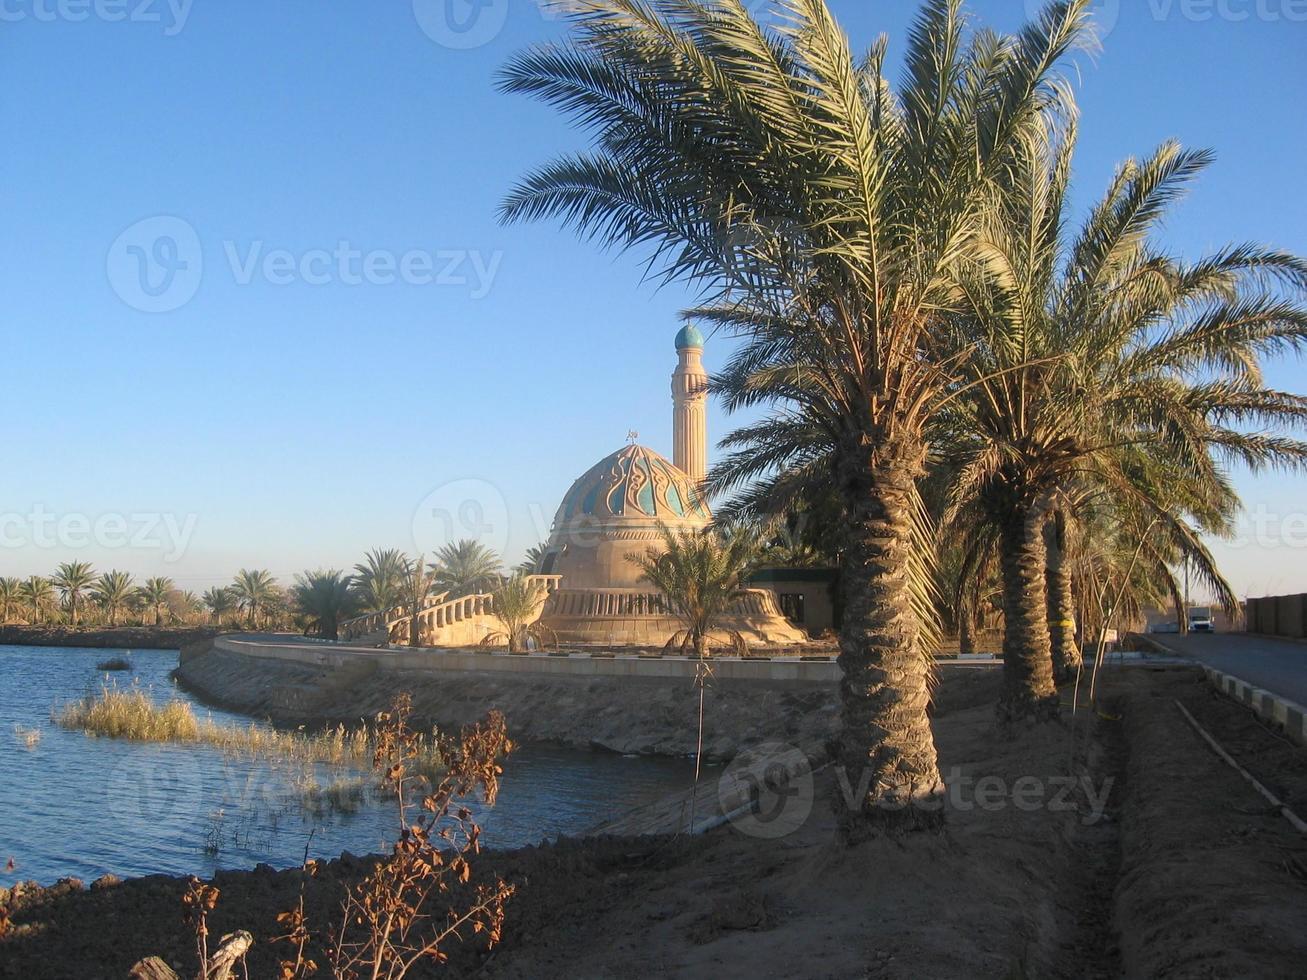 pequena mesquita no iraque foto